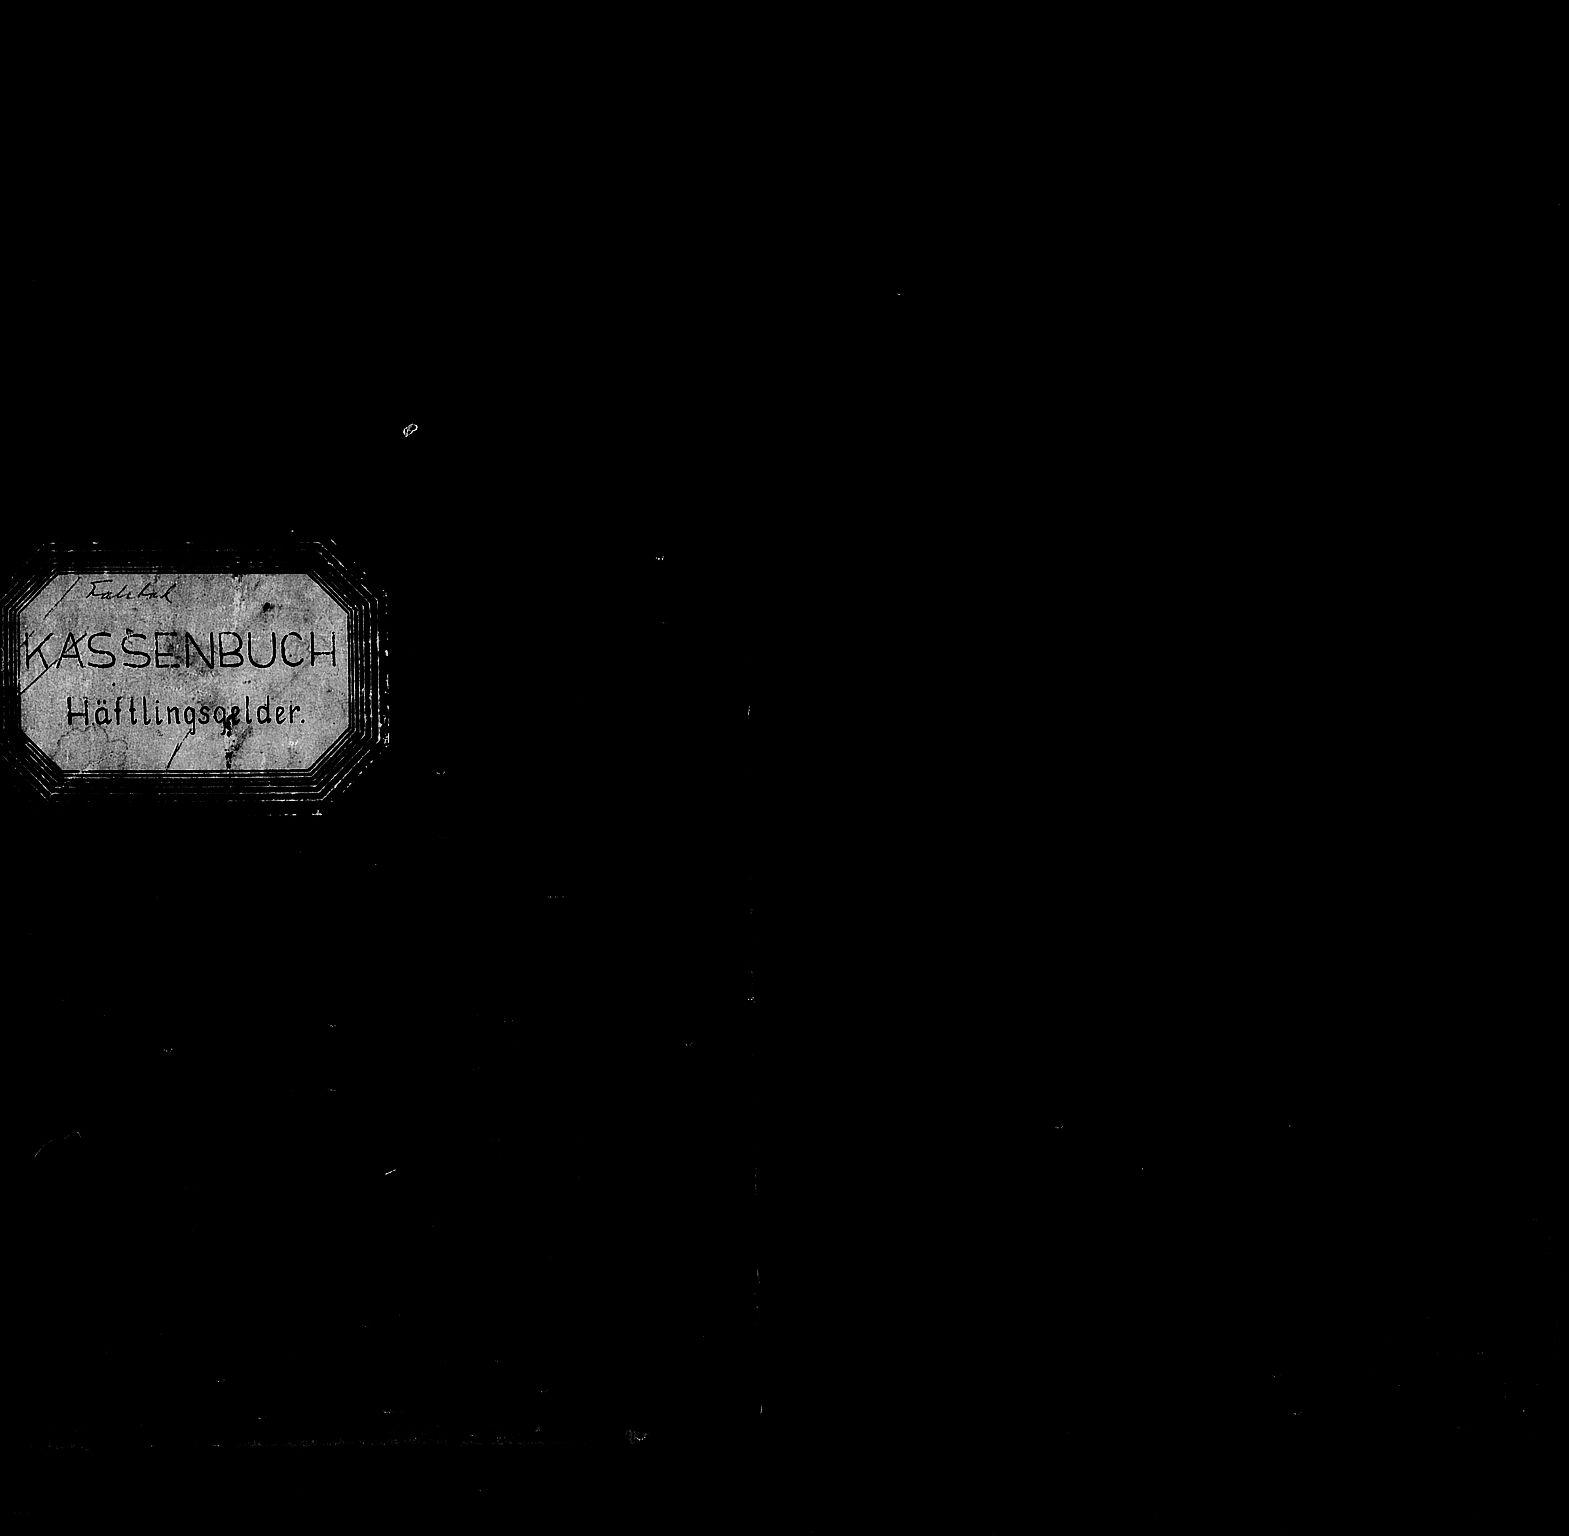 RA, Befehlshaber der Sicherheitspolizei und des SD, F/Fc/L0014: Falstad -  Kasenbuch -  Häftligsgelder , 1941-1945